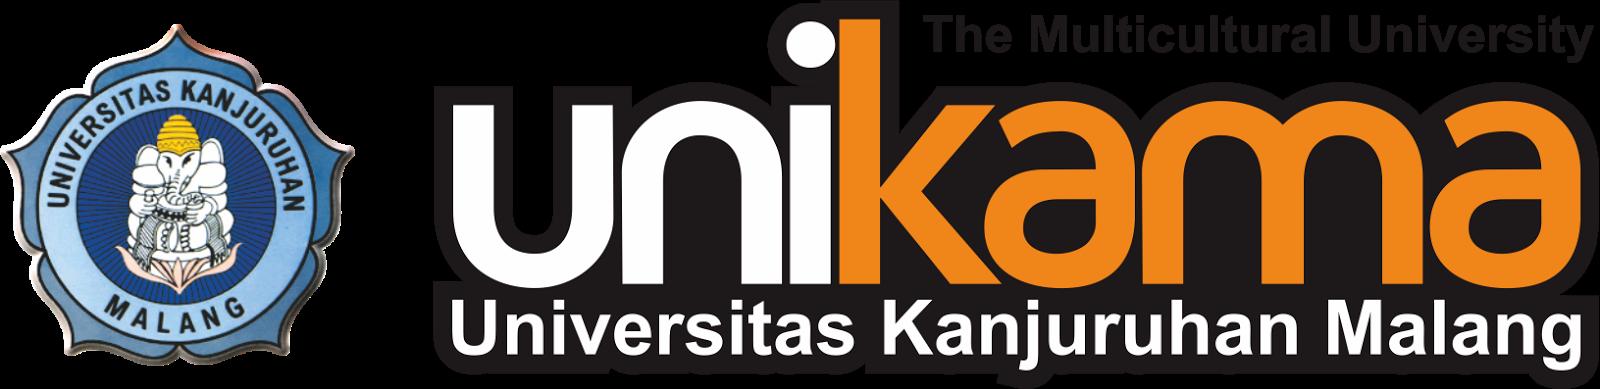 logo unikama